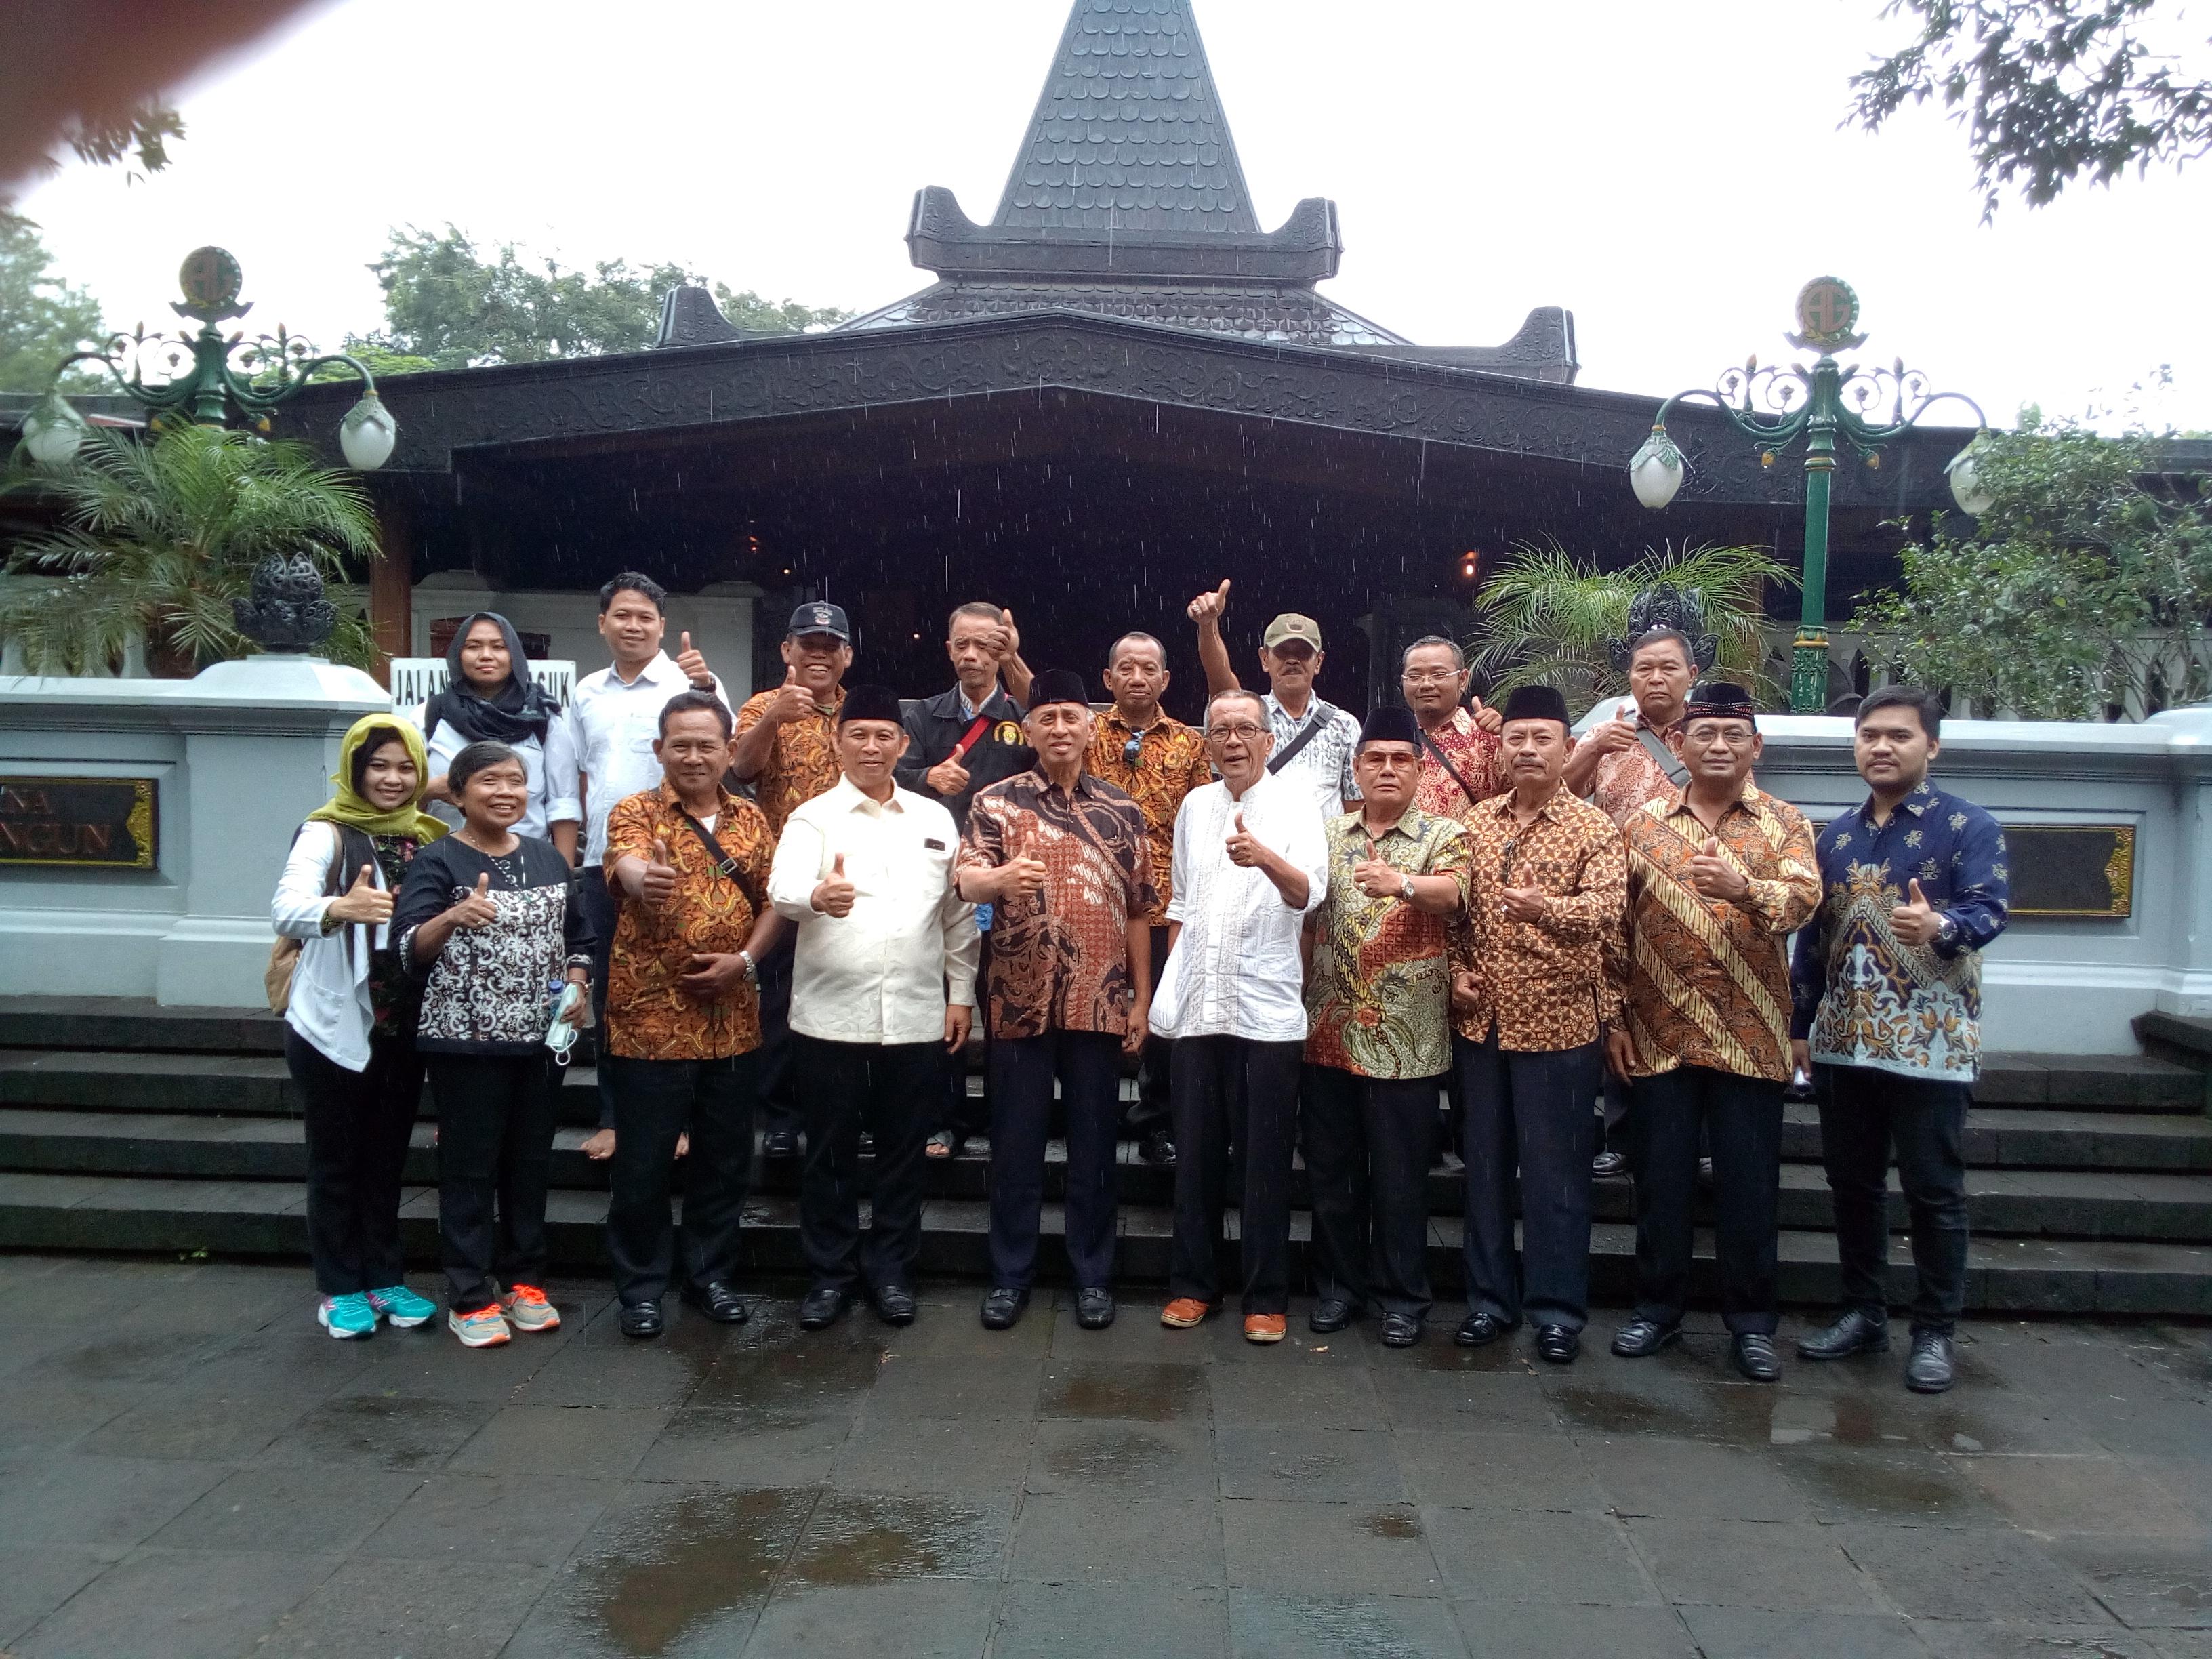 Keteran foto: Sri Eko Sapto Wijaya dan mantan Jenderal foto bersama di astana giribangun /foto: koranjuri.com